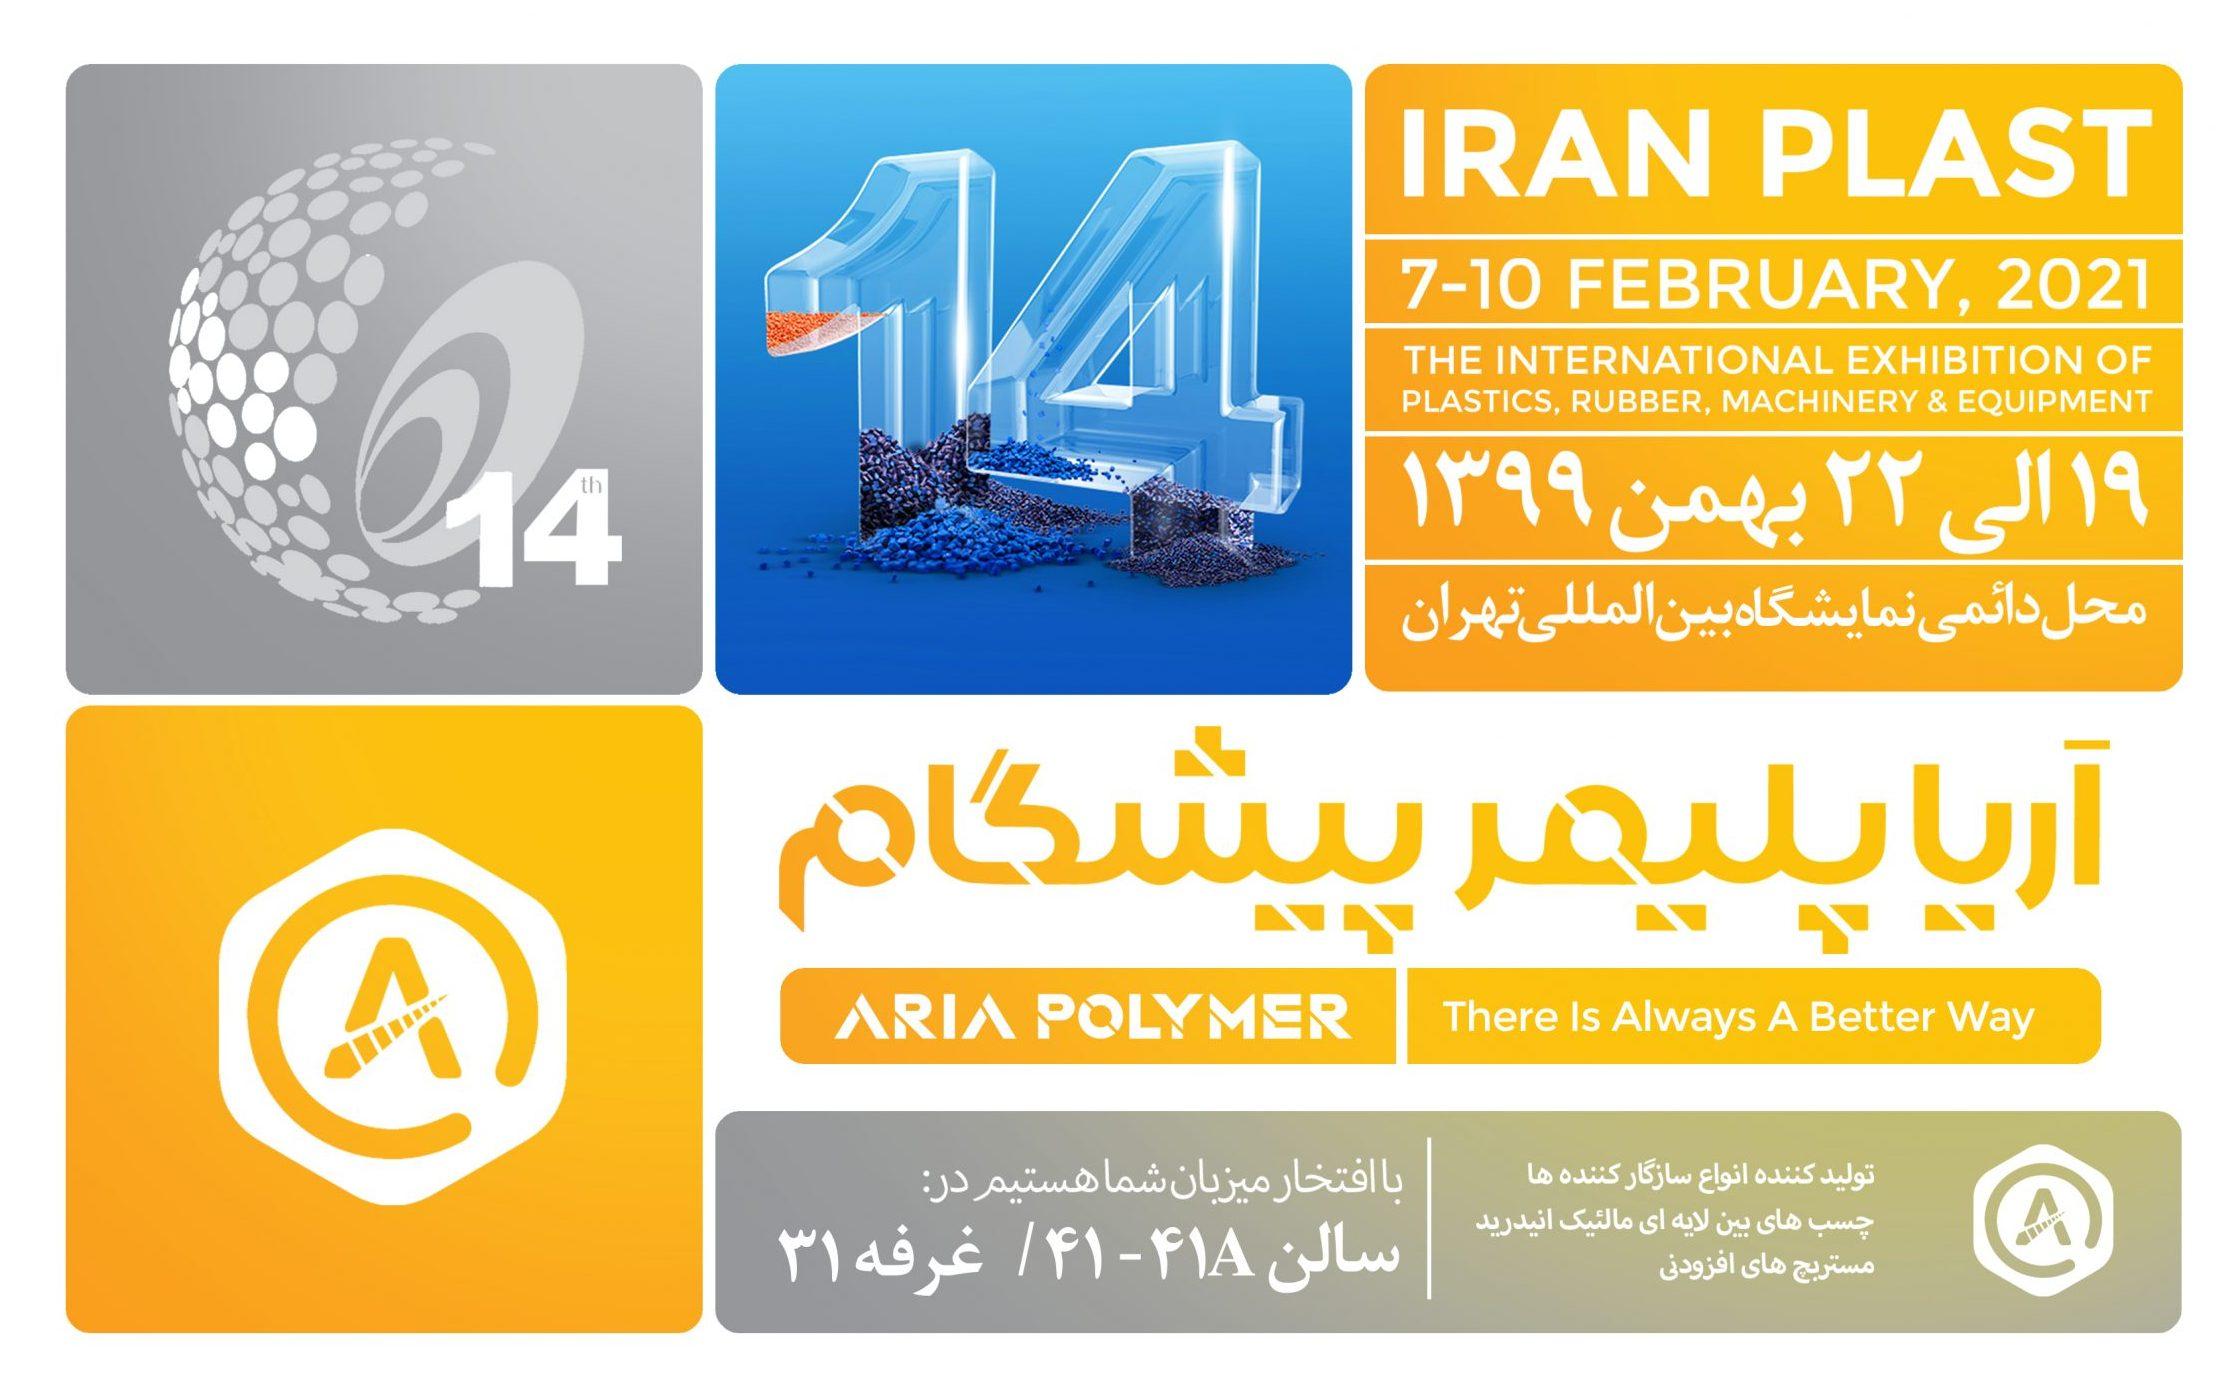 حضور آریا پلیمر پیشگام در چهاردهمین نمایشگاه ایران پلاست